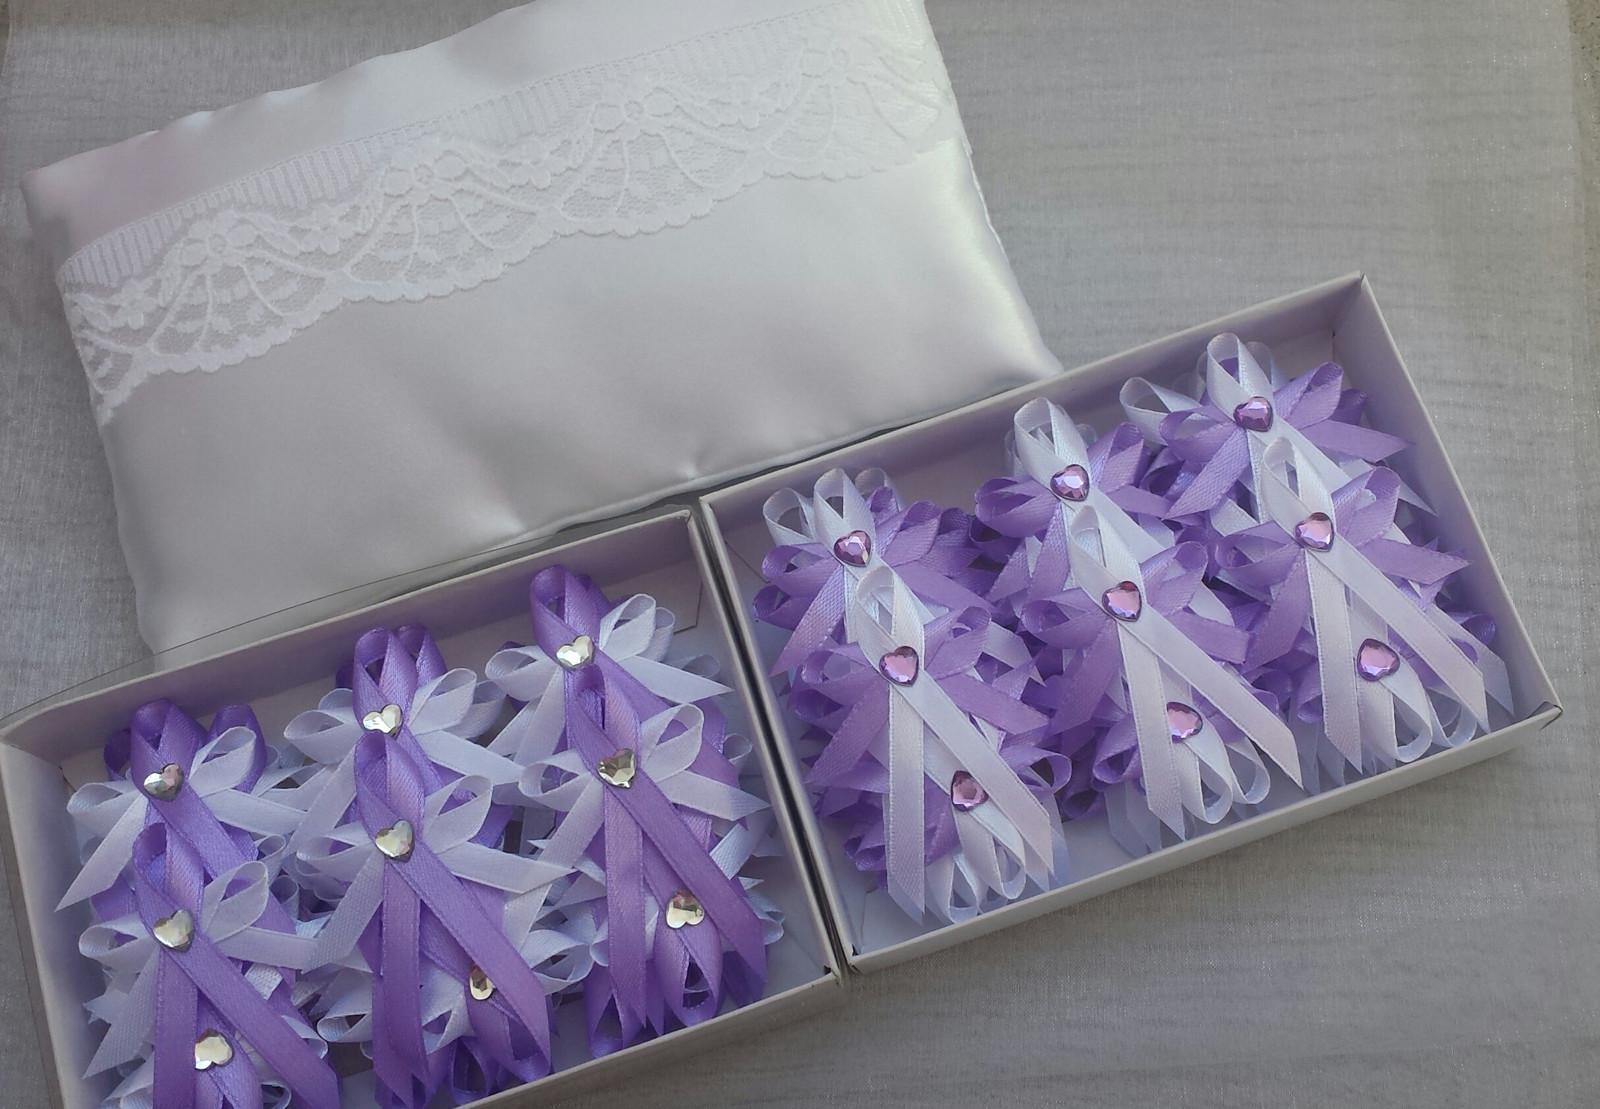 Vývazky fialová a bílá - Obrázek č. 1